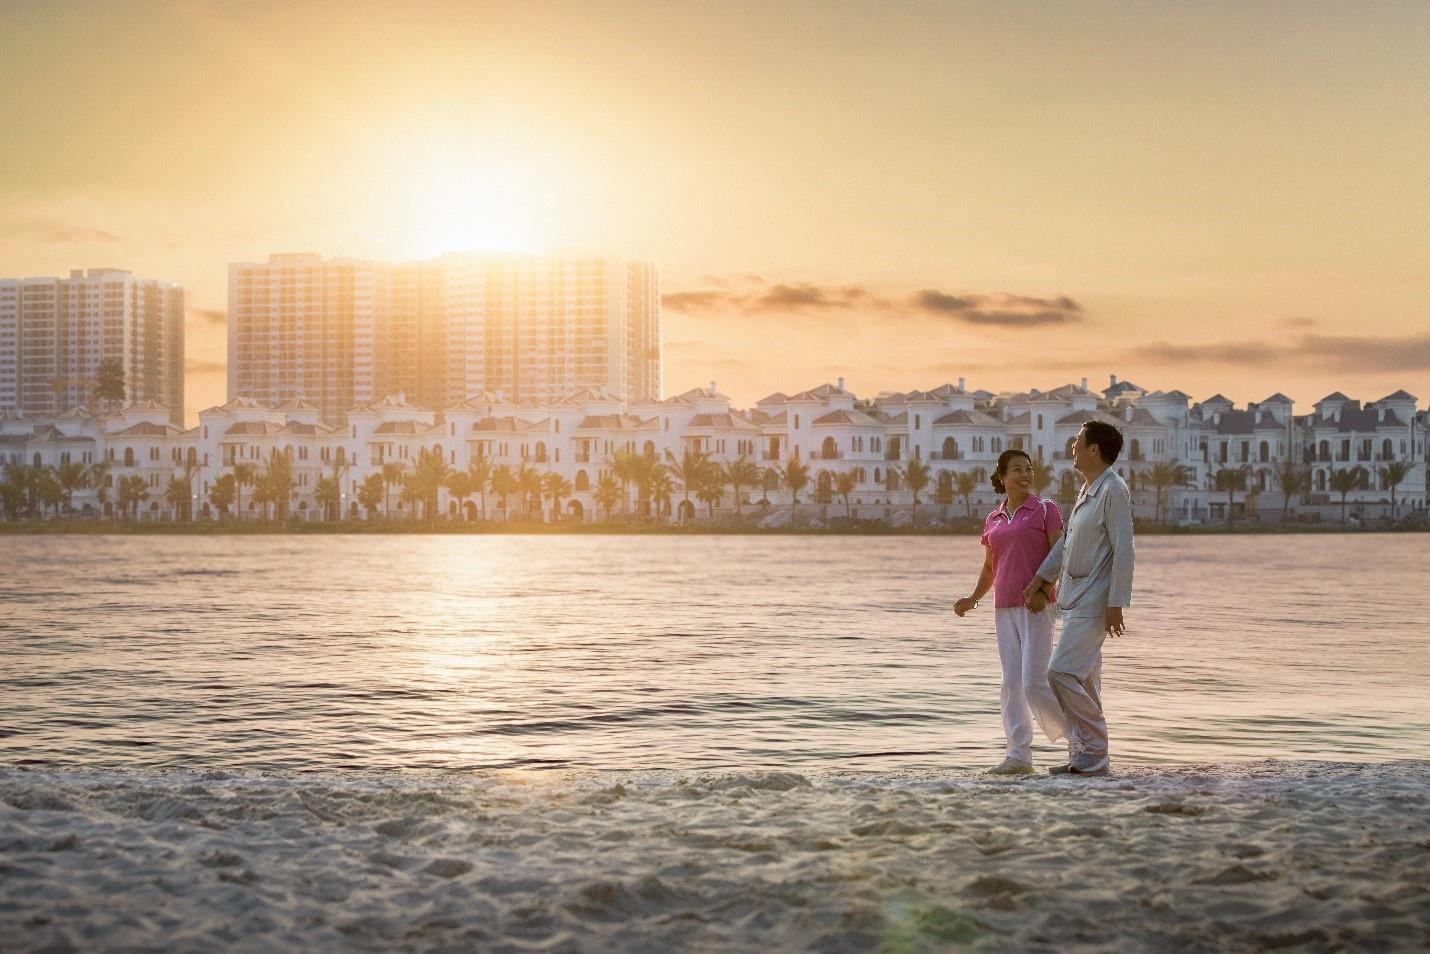 Dạo bộ trên bờ cát giúp cải thiện các vấn đề về hô hấp, tim mạch.